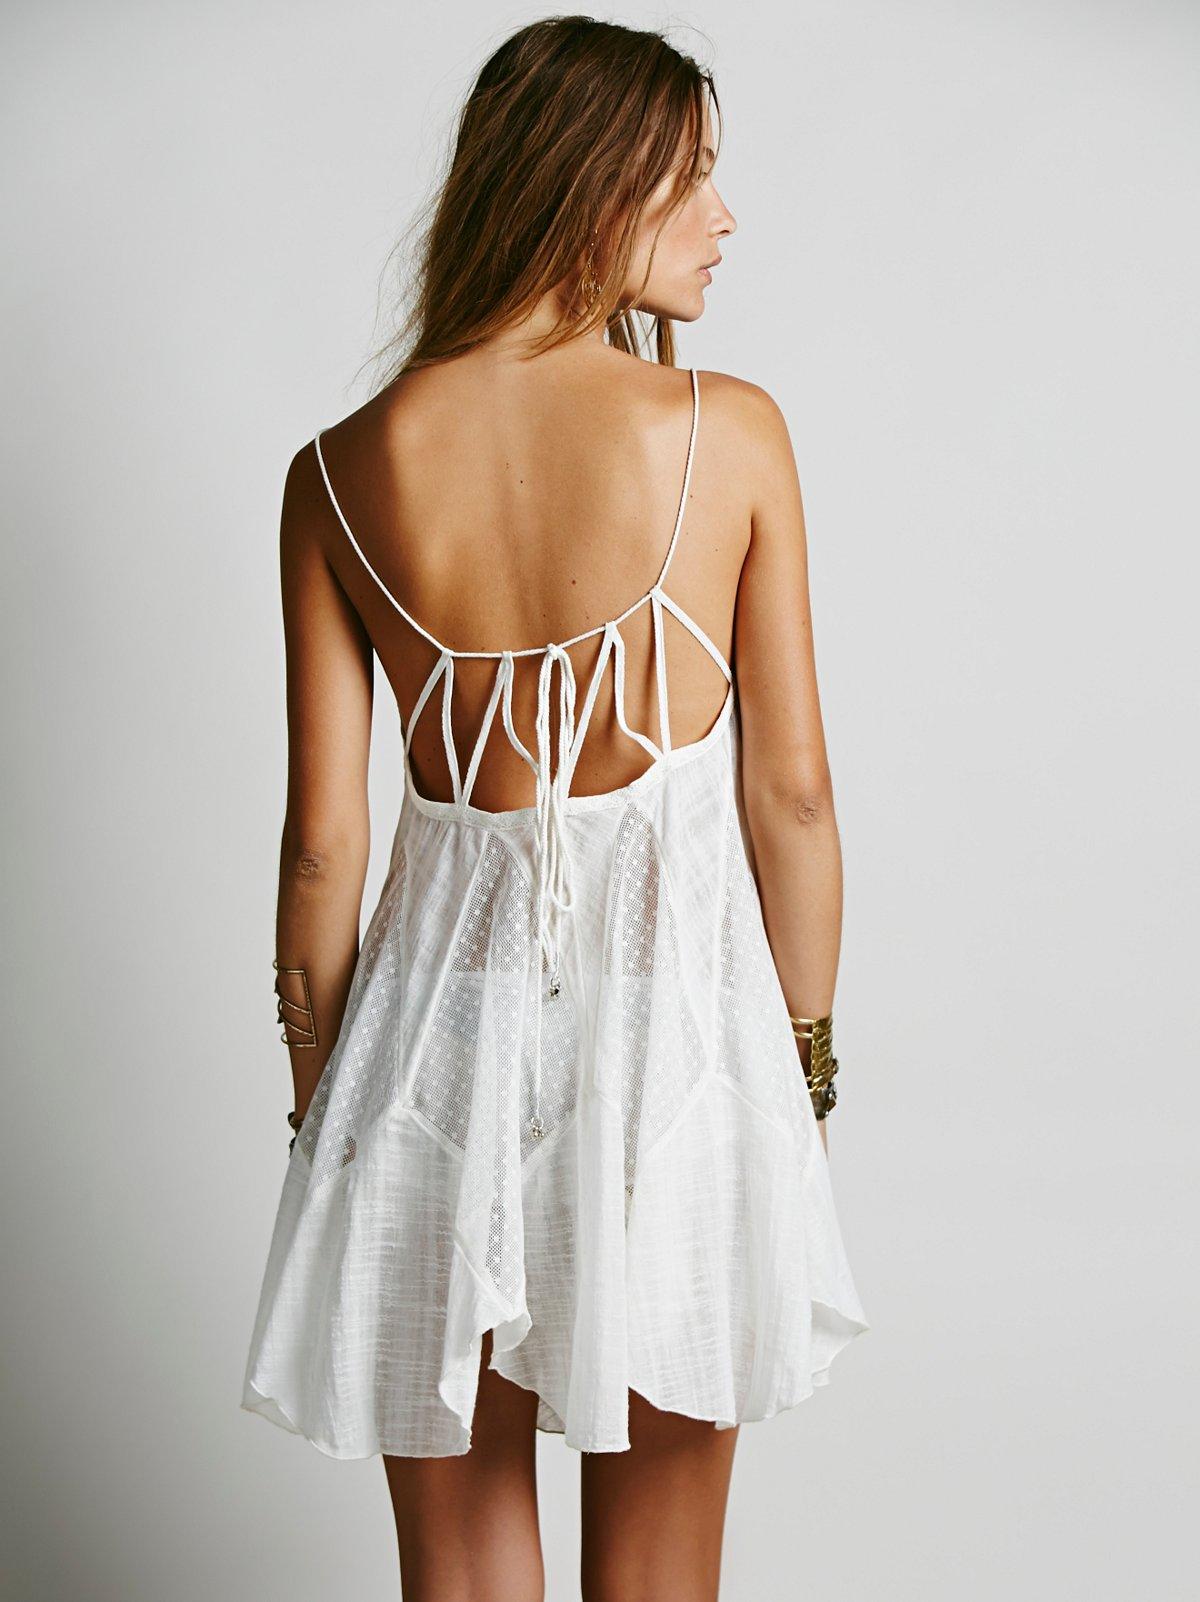 Maui连衣裙